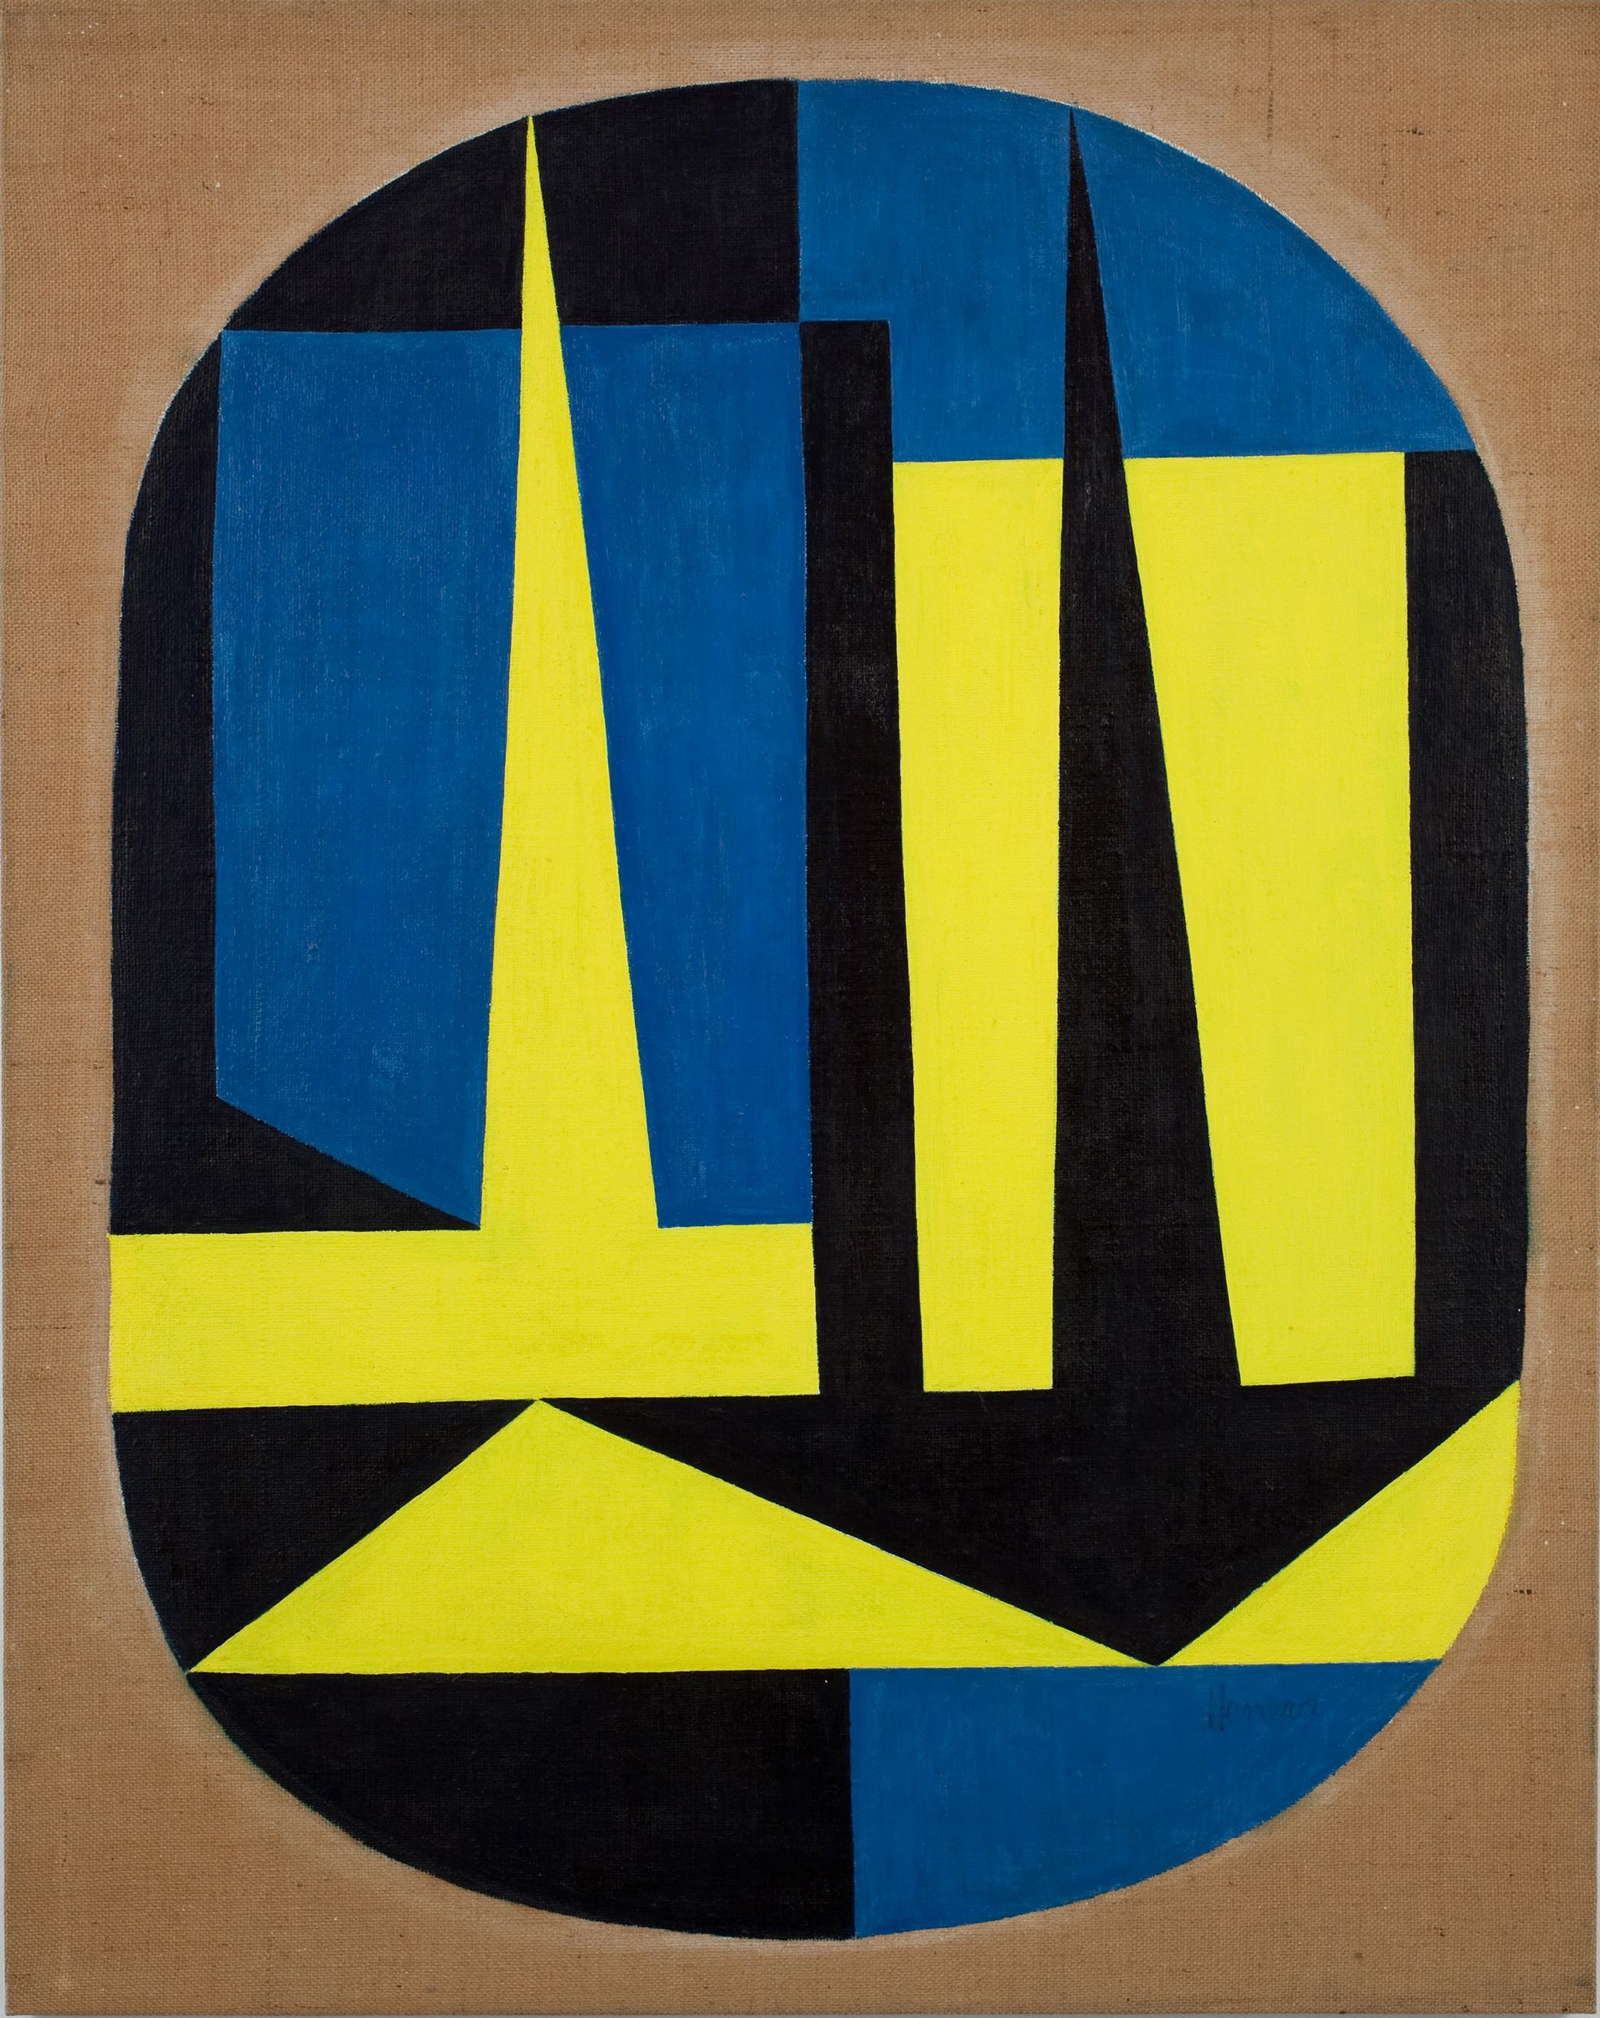 Carmen Herrera: A City, 1948 (Private Collection)